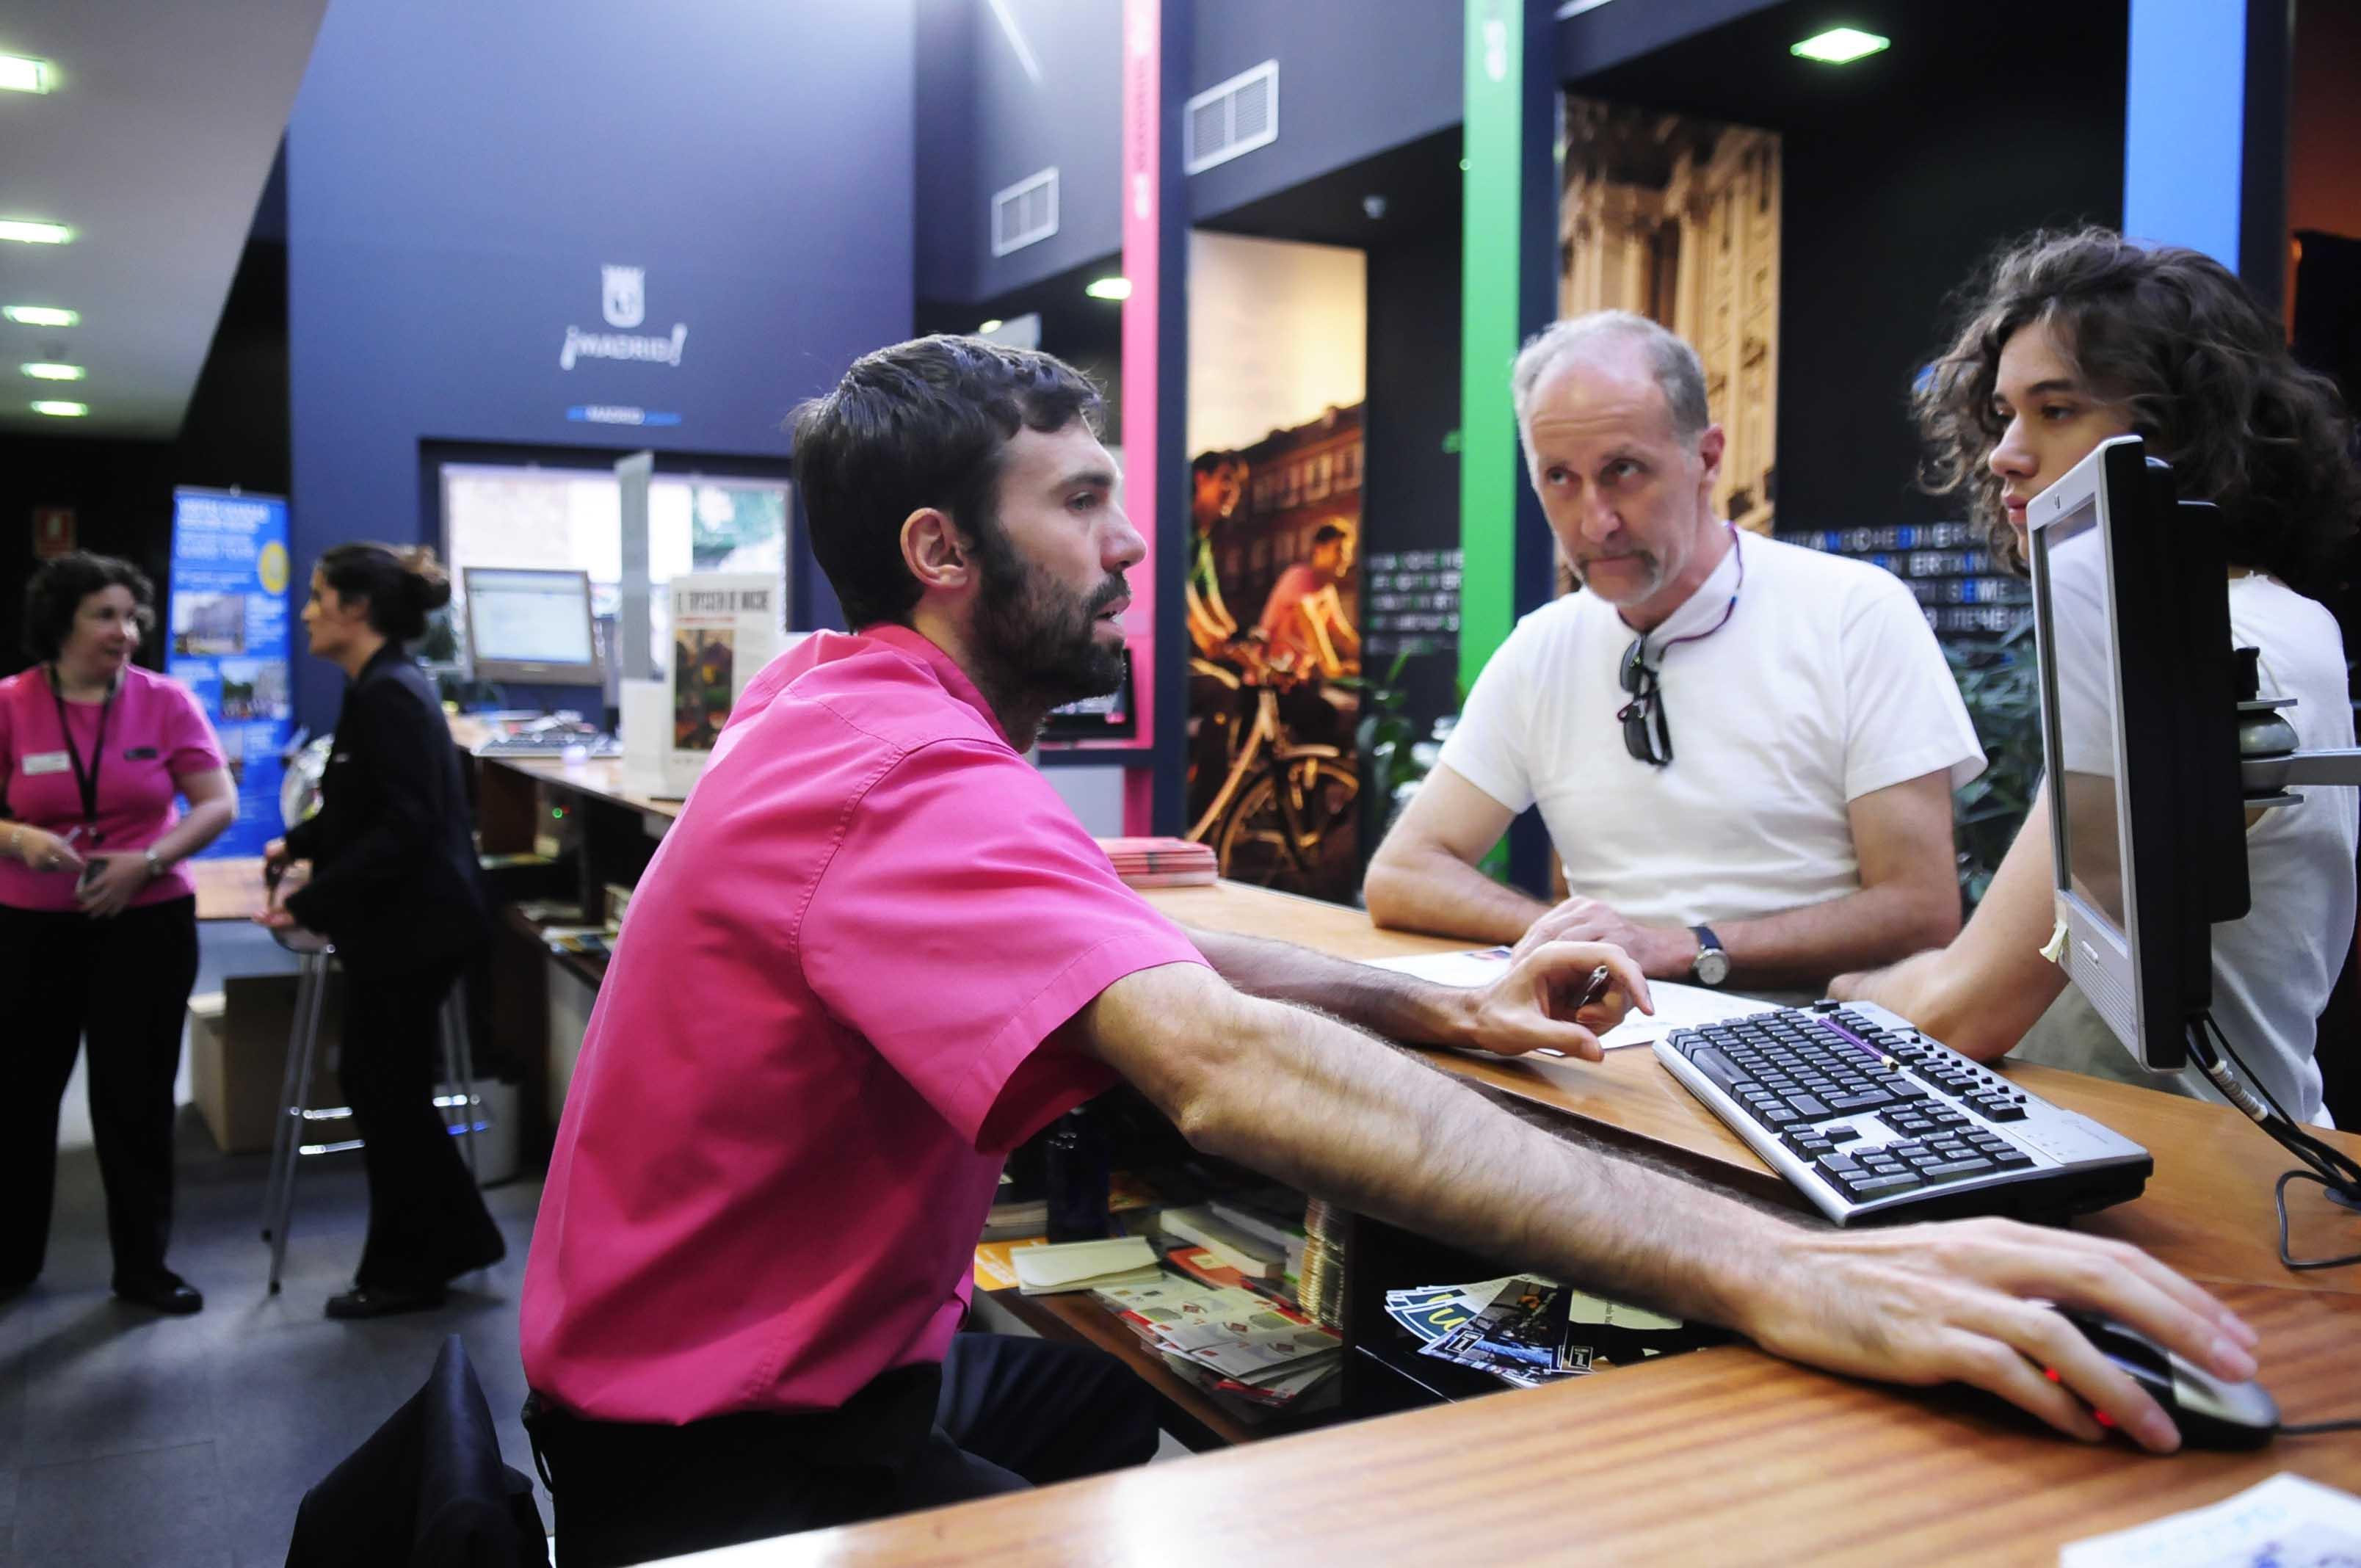 R cord de atenciones en la oficina de turismo for Oficina turismo francia en madrid